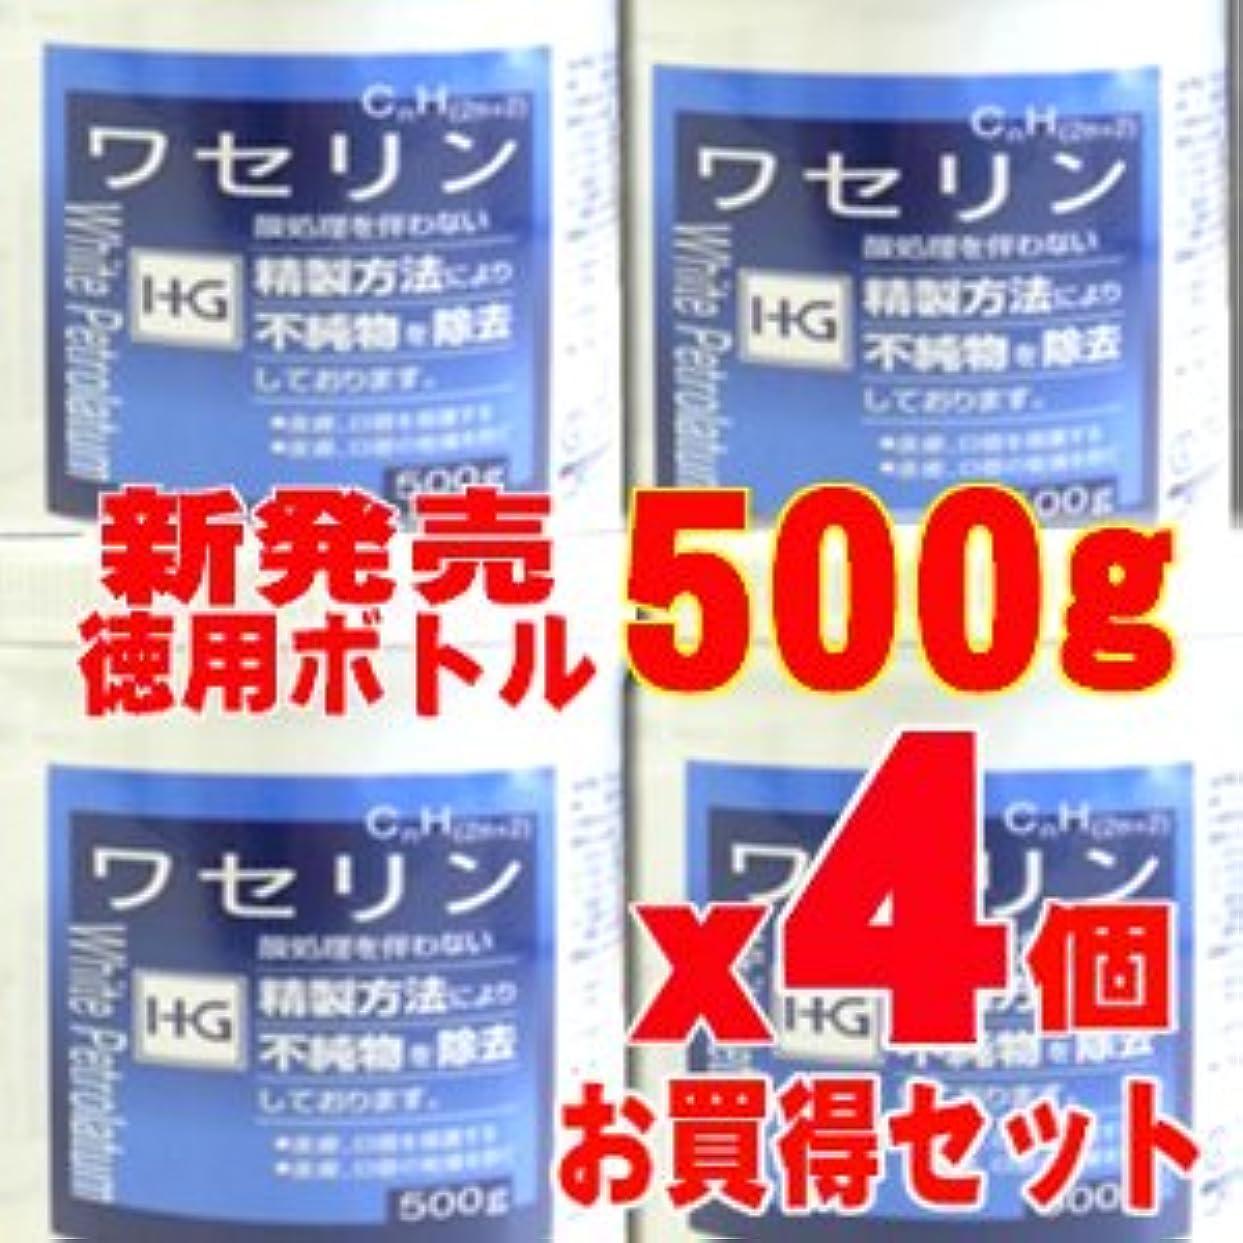 クラフト神秘的なカリキュラム【敏感肌の方に最適!】皮膚保護 ワセリンHG 徳用500gx4個セット